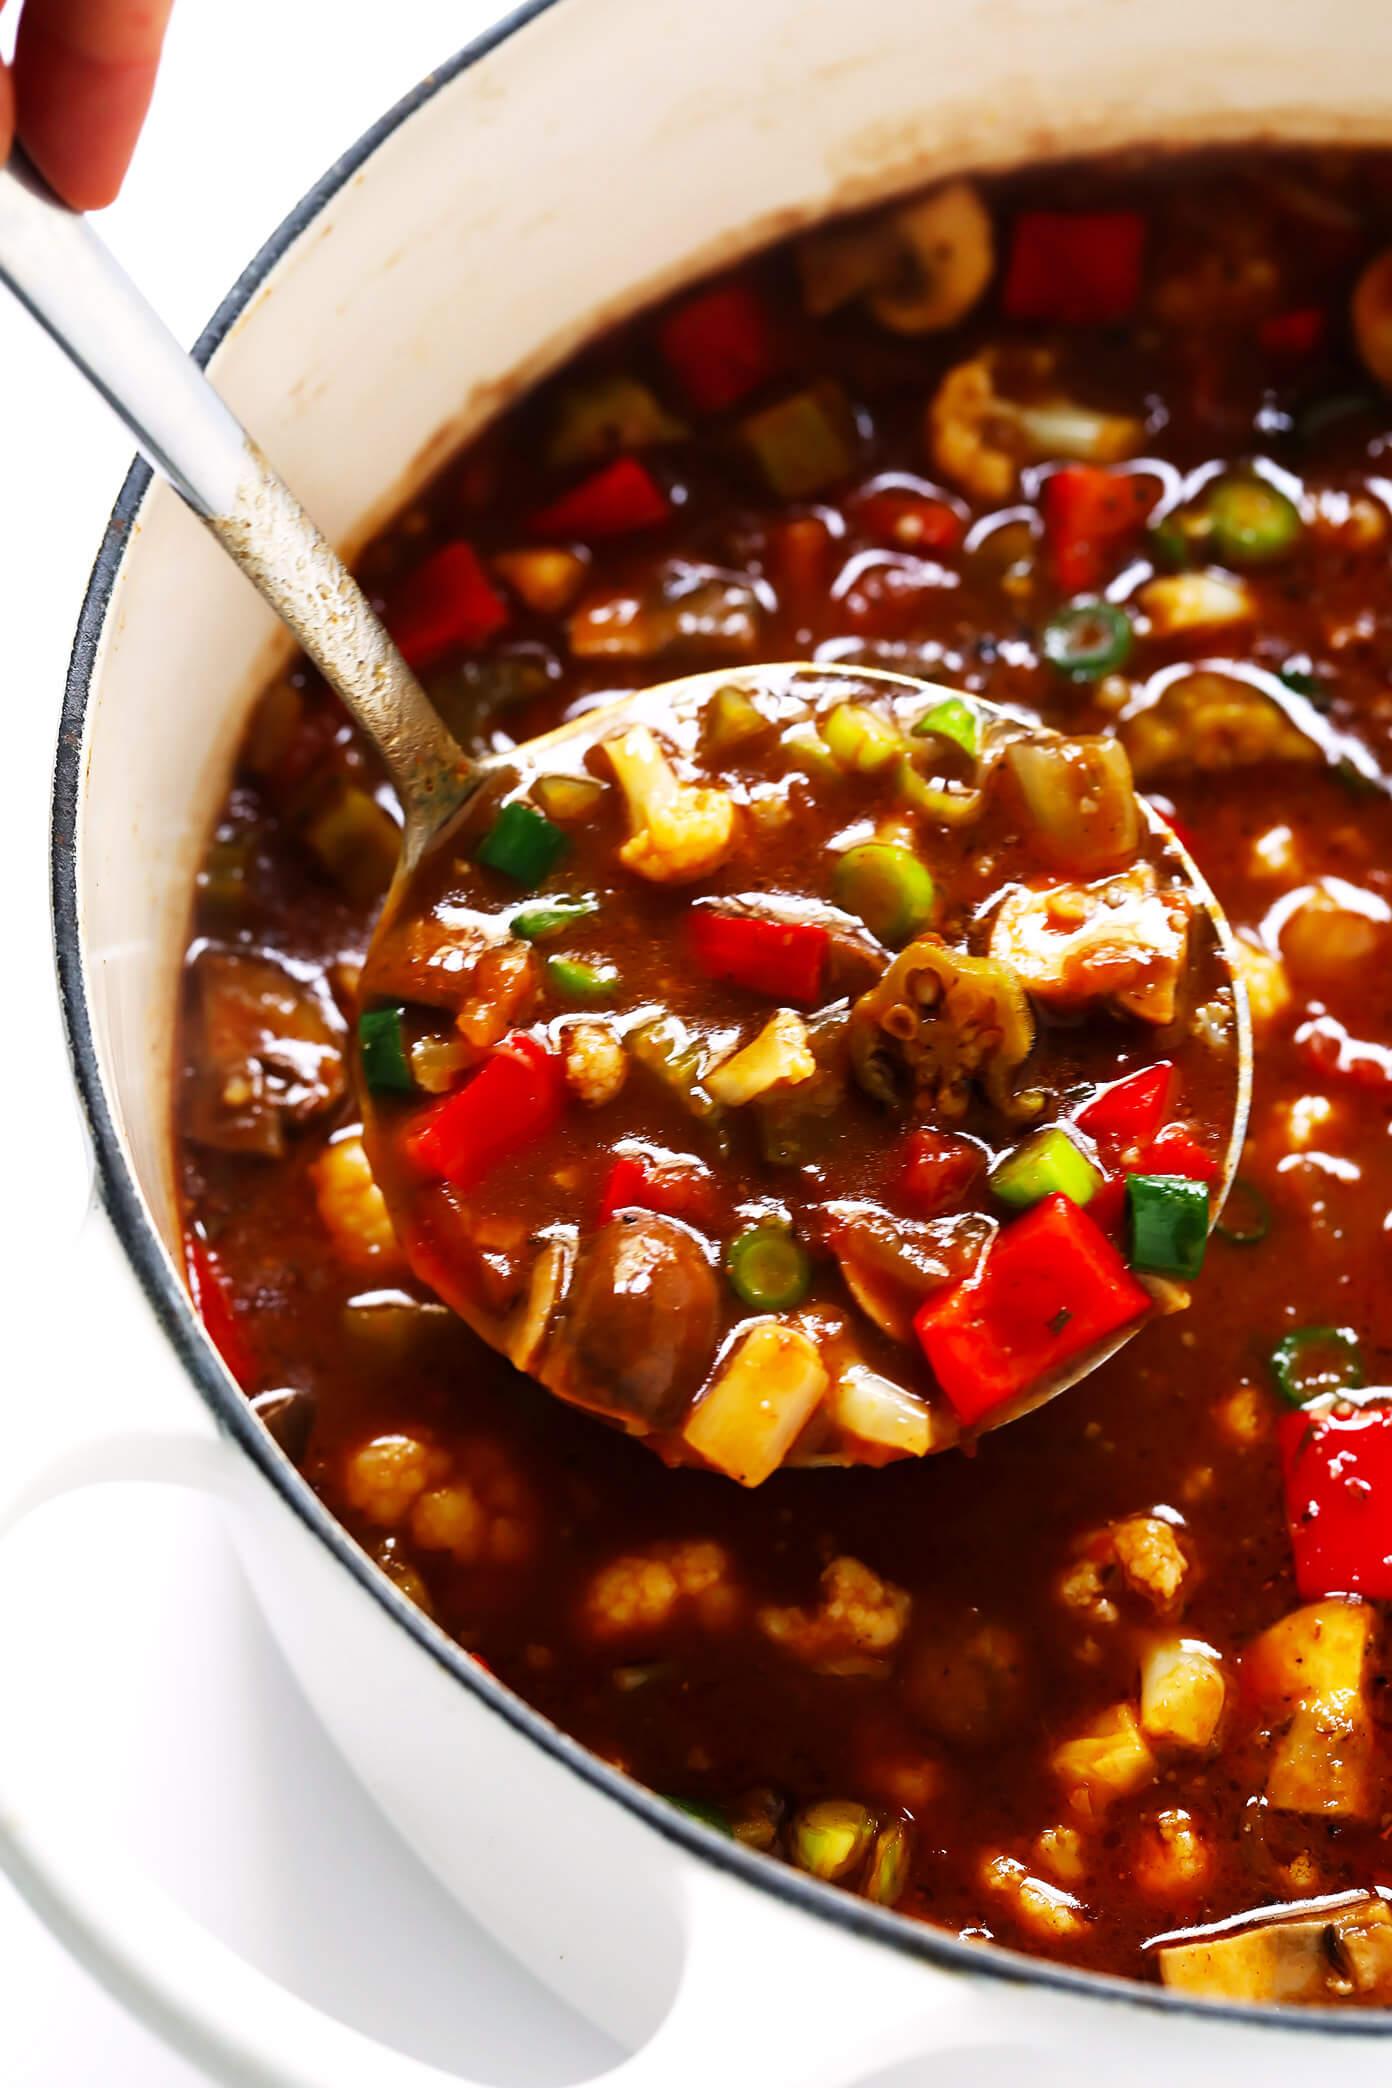 Vegetarian Gumbo Recipe with Cauliflower